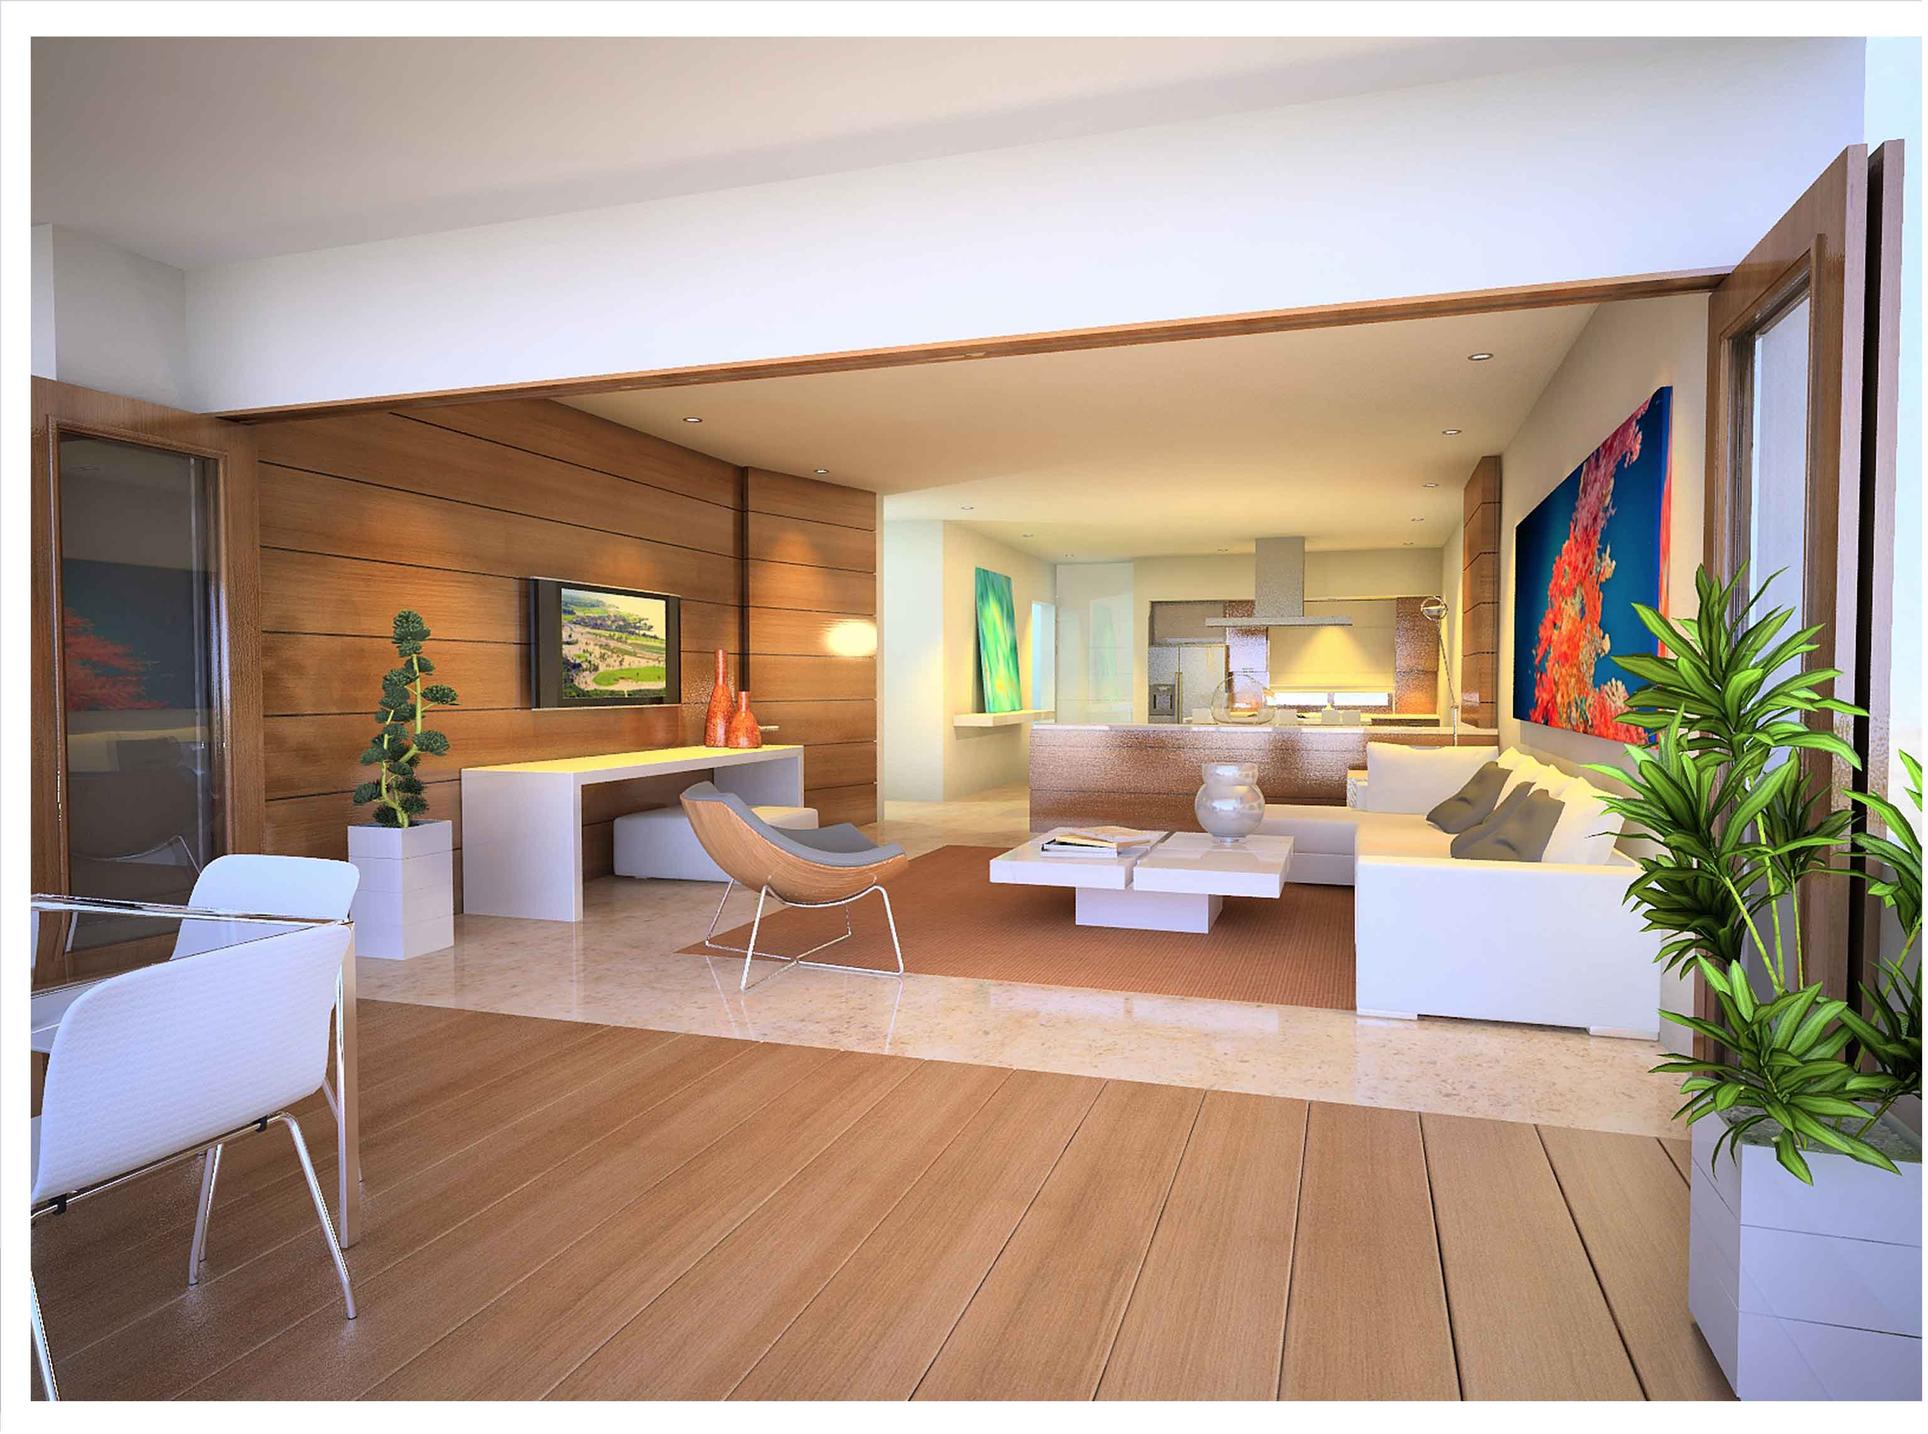 Terrazas Del Lago A 180 Apartments Project 30 052m2 Lot